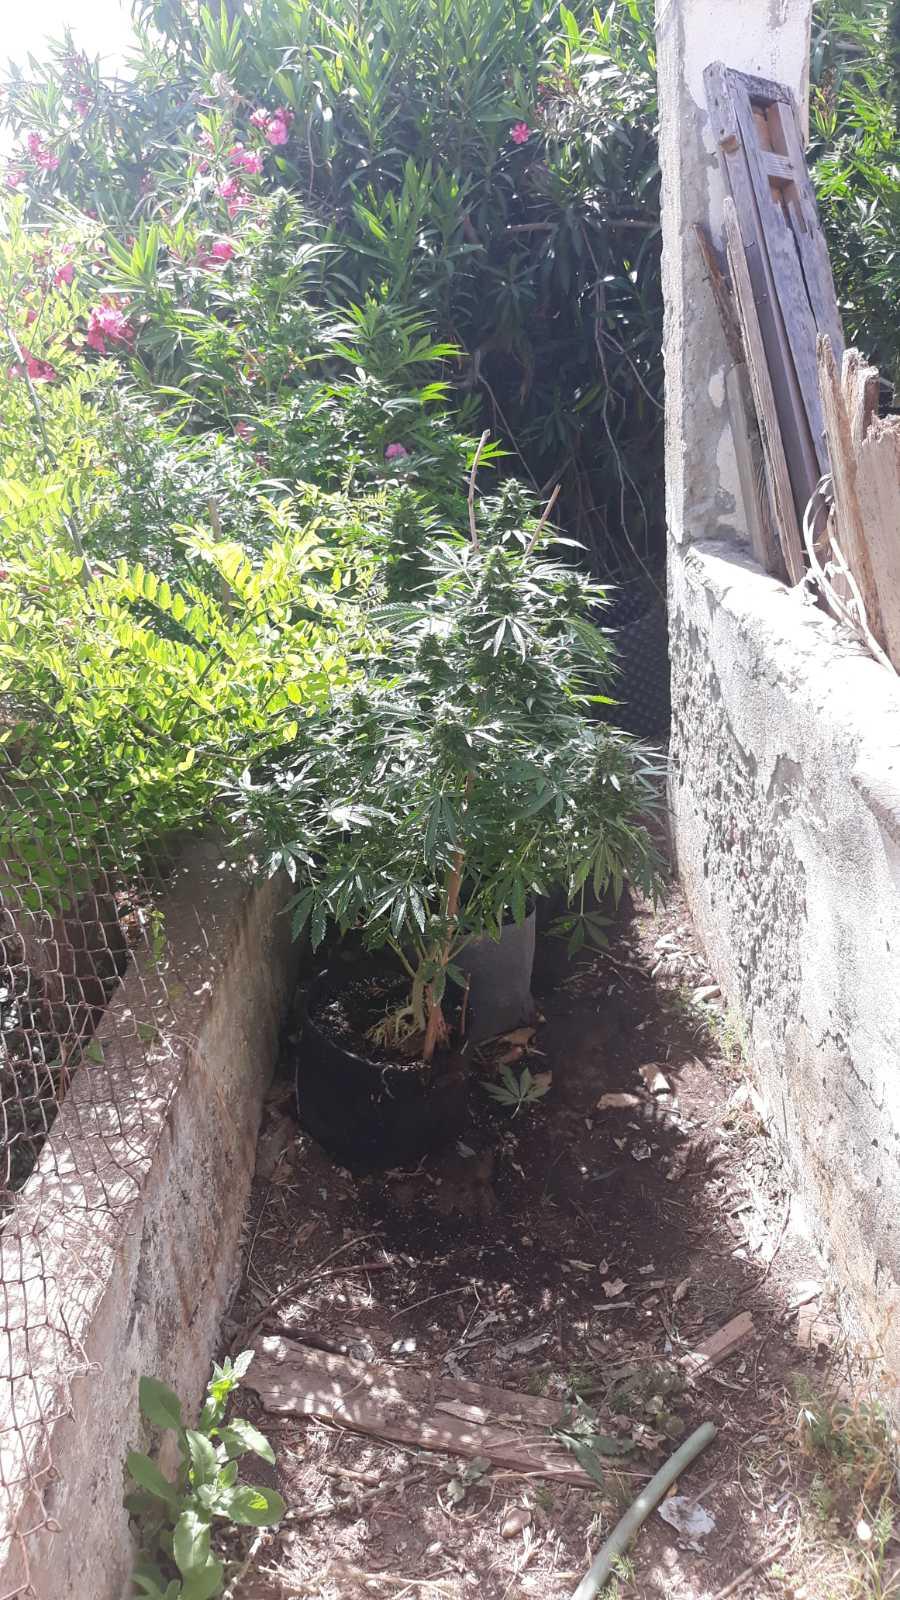 Κατάκολο: Συνελήφθη ξανά άτομο για υδροπονική καλλιέργεια κάνναβης σε οικία- Κατασχέθηκαν 40 δενδρύλλια και 15 φυντάνια κάνναβης και 21 γραμμάρια της ουσίας (photos)